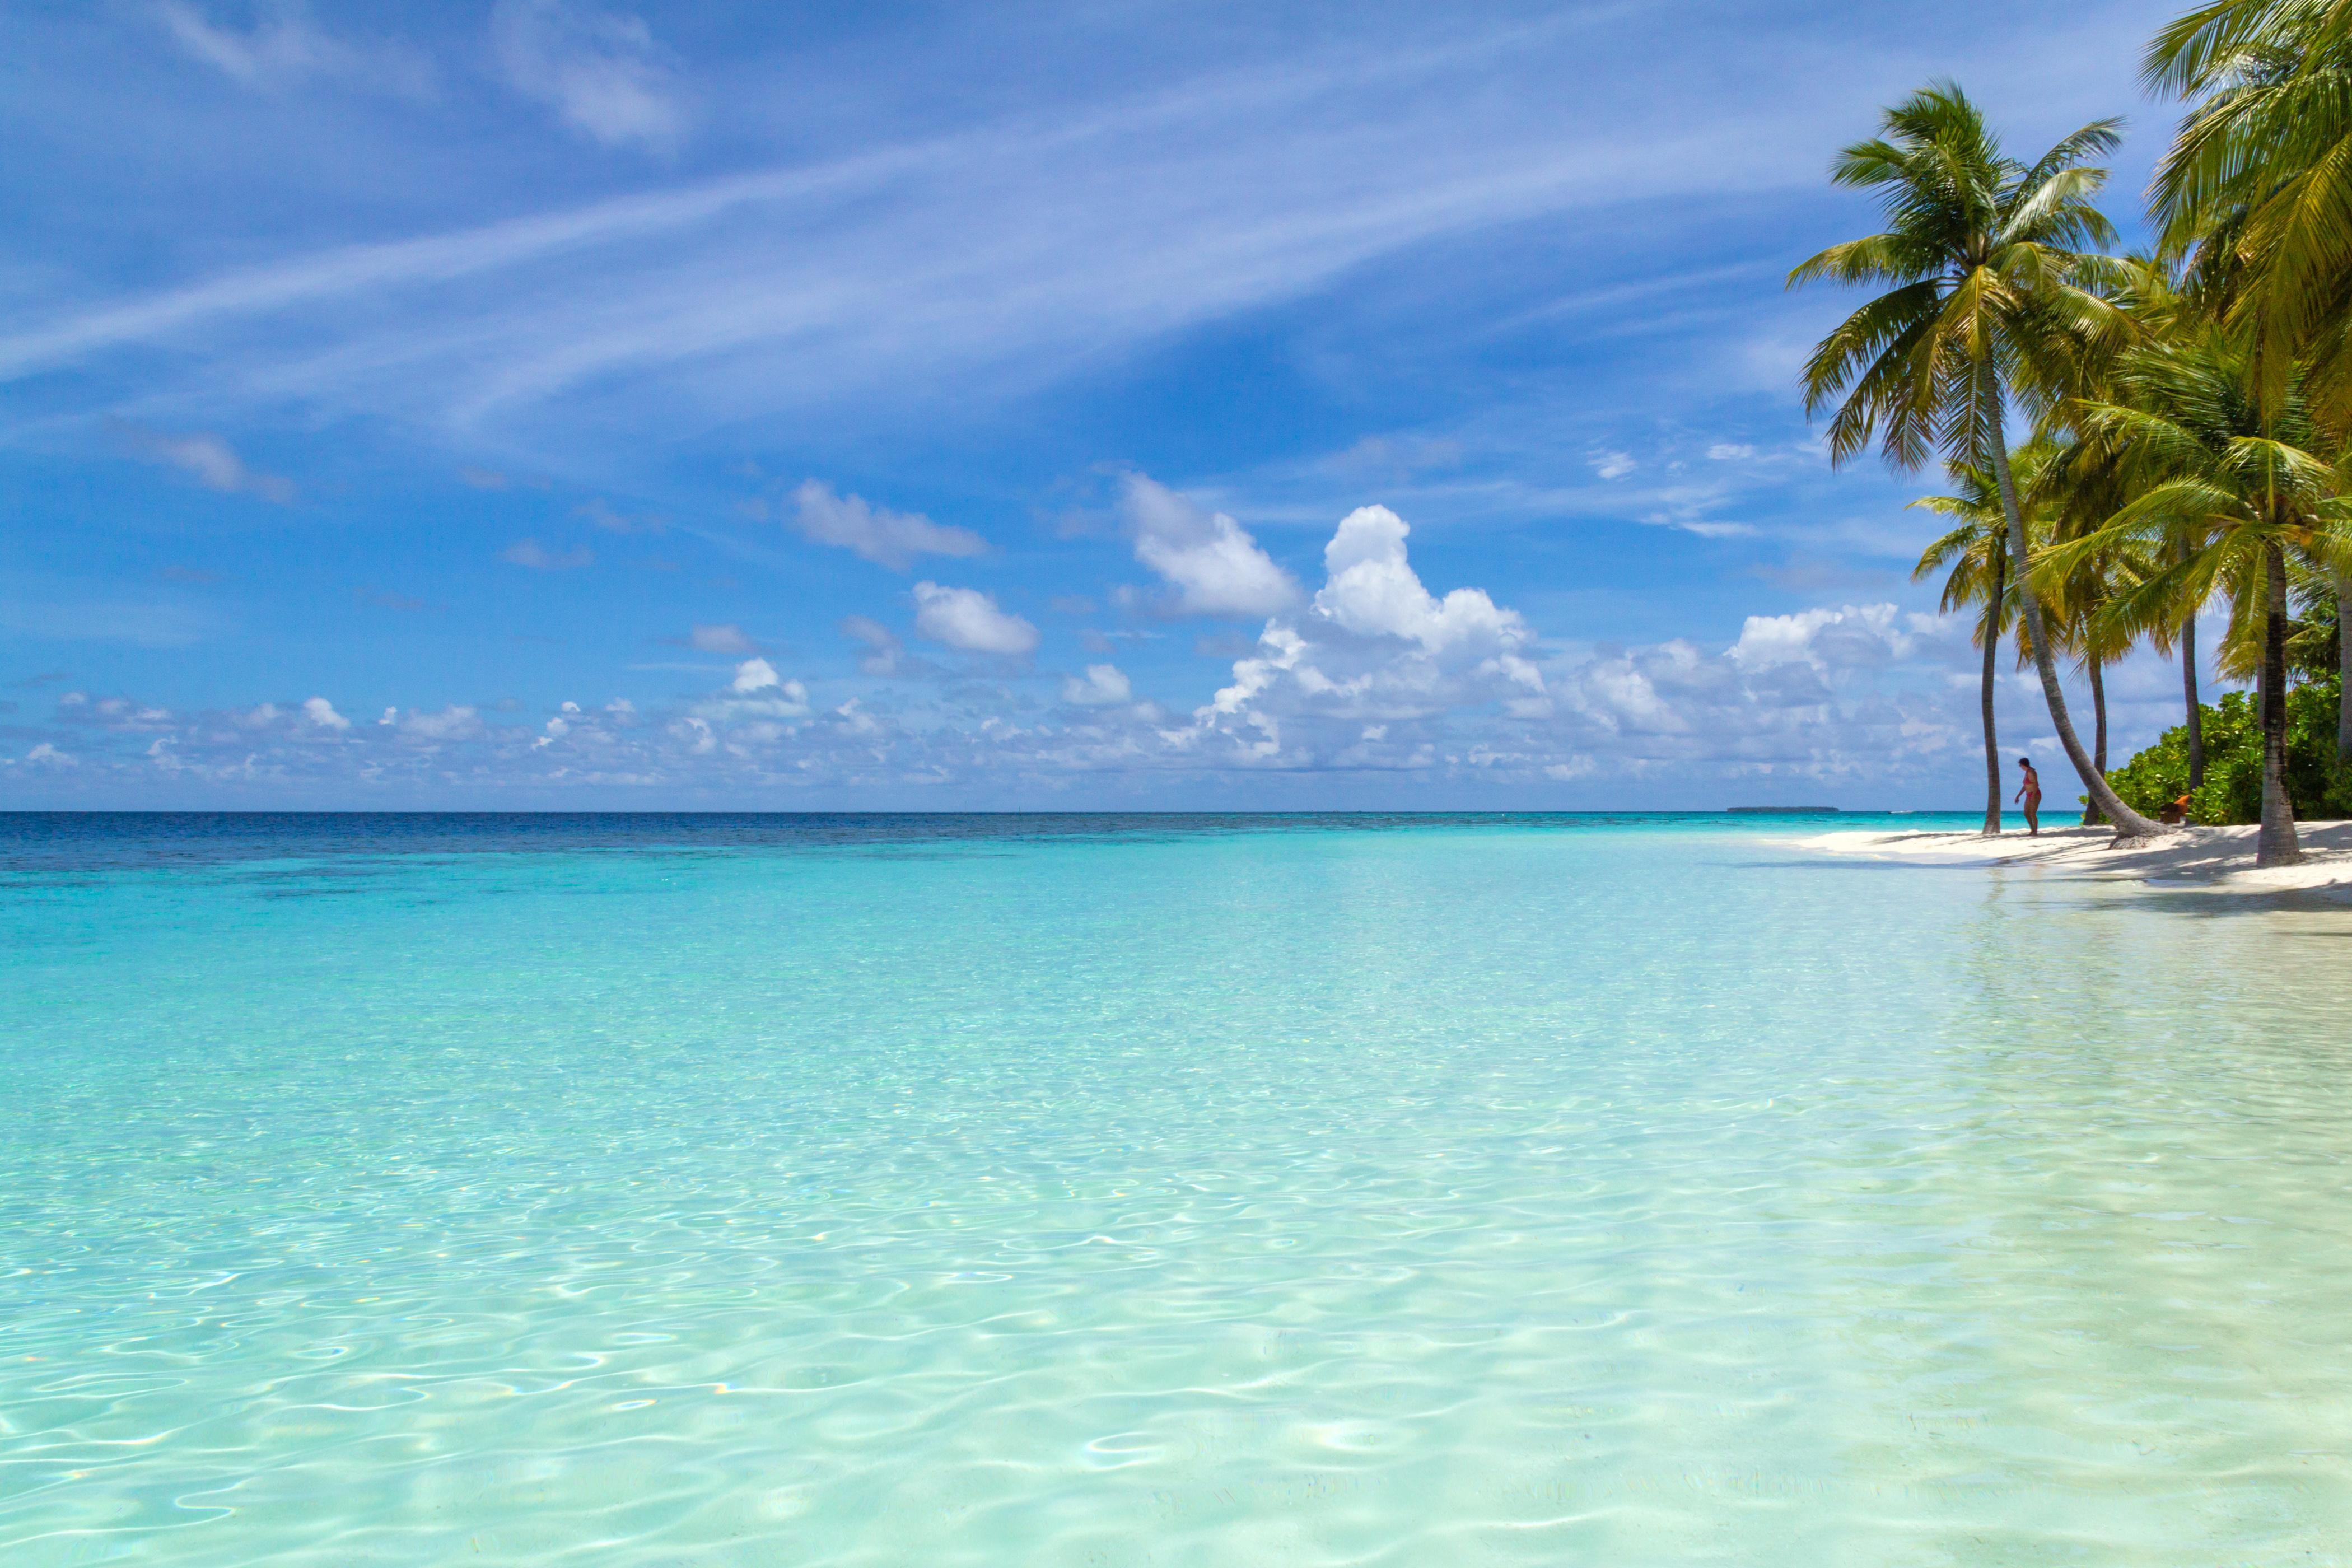 Viajar a maldivas en familia for Islas maldivas hoteles en el agua